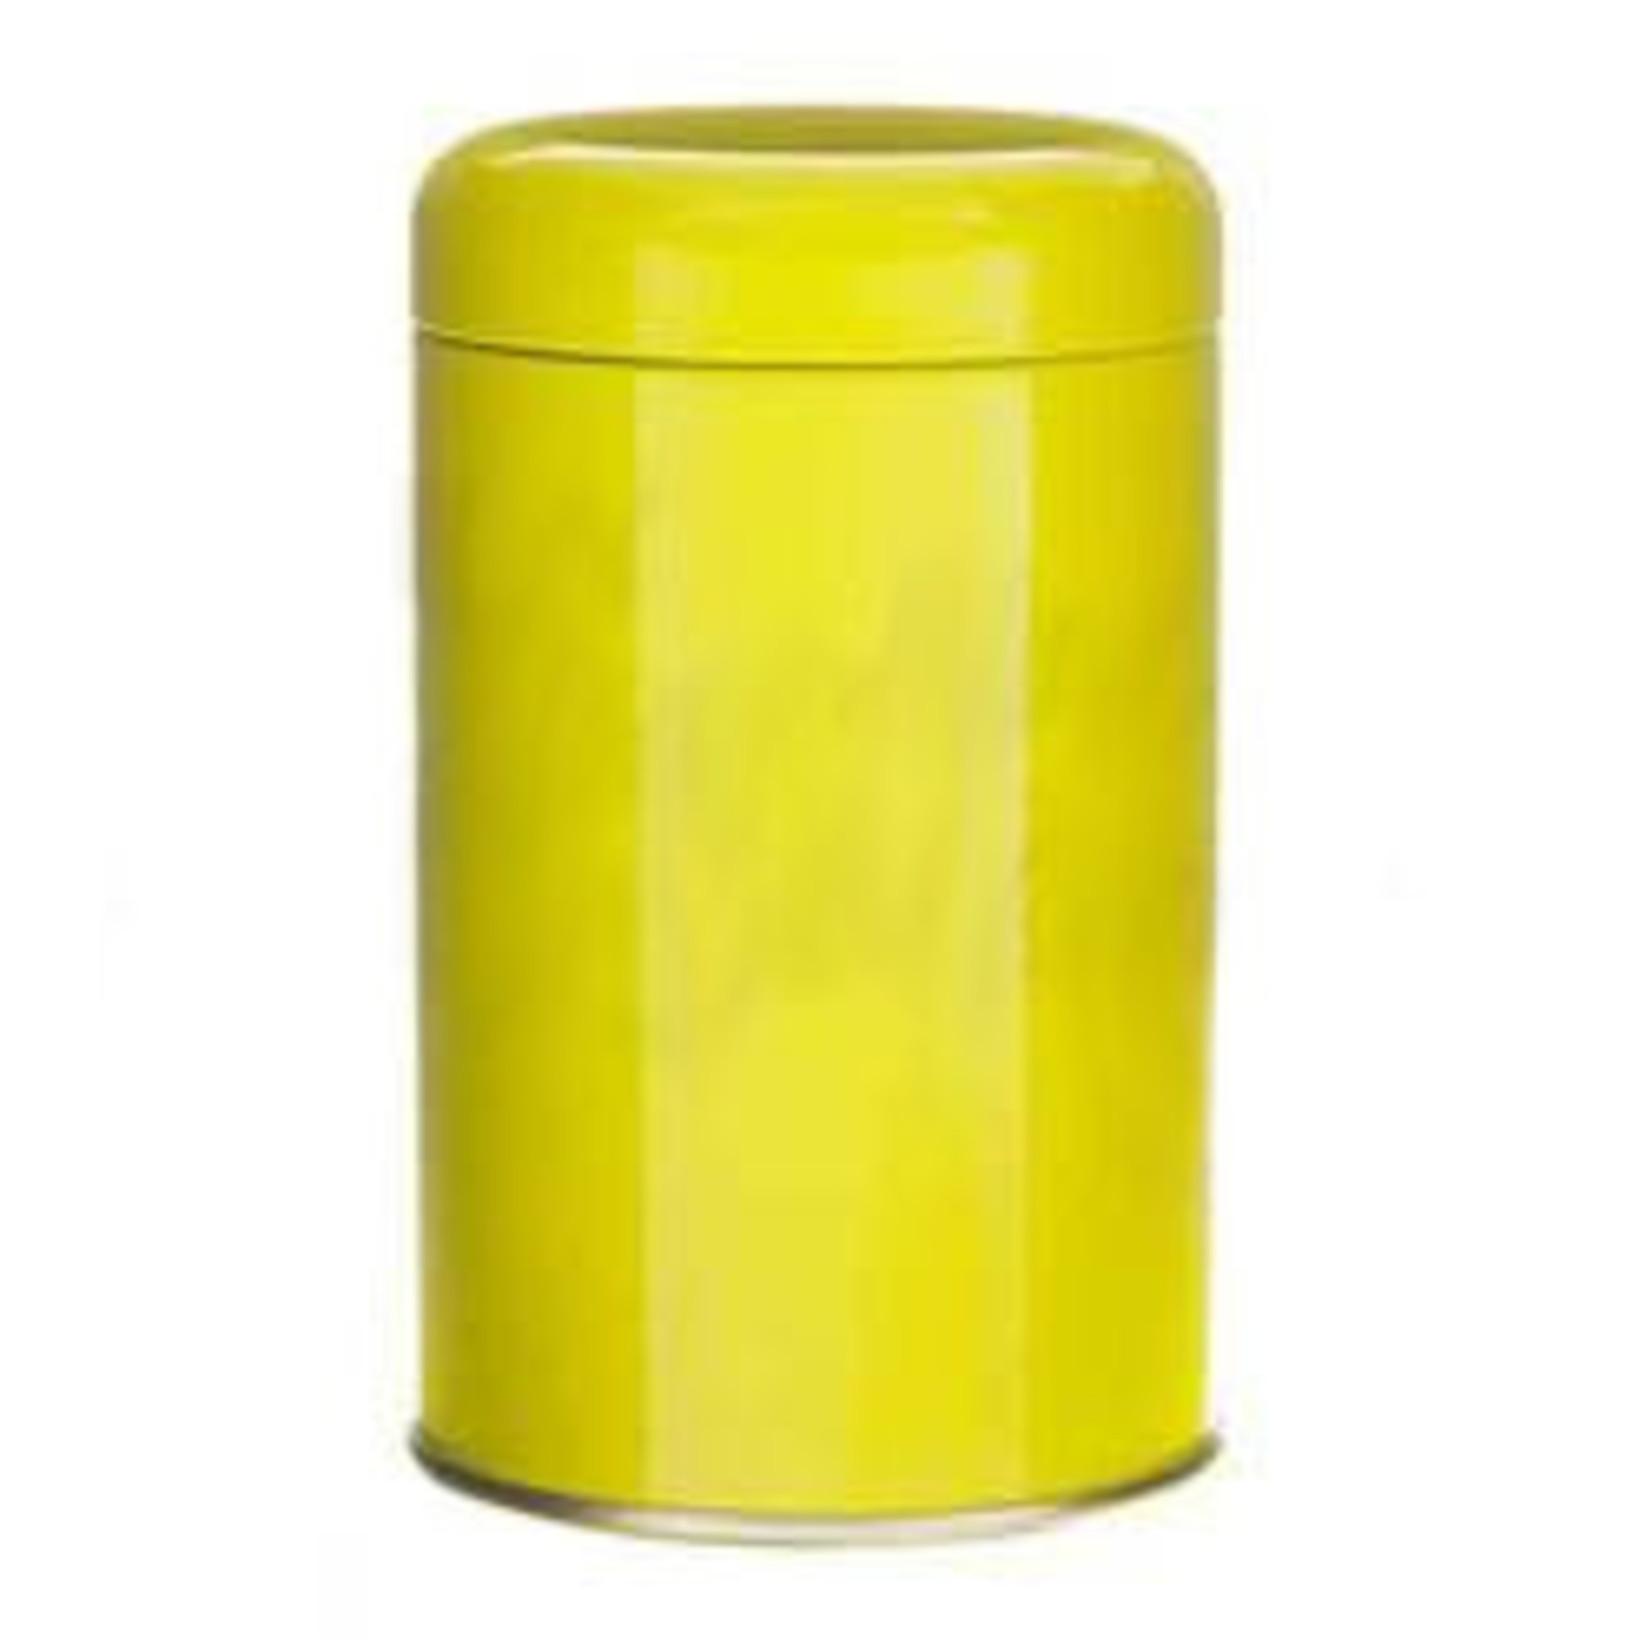 Metropolitan Tea Tea Tin Small Yellow - 50g/1.7oz